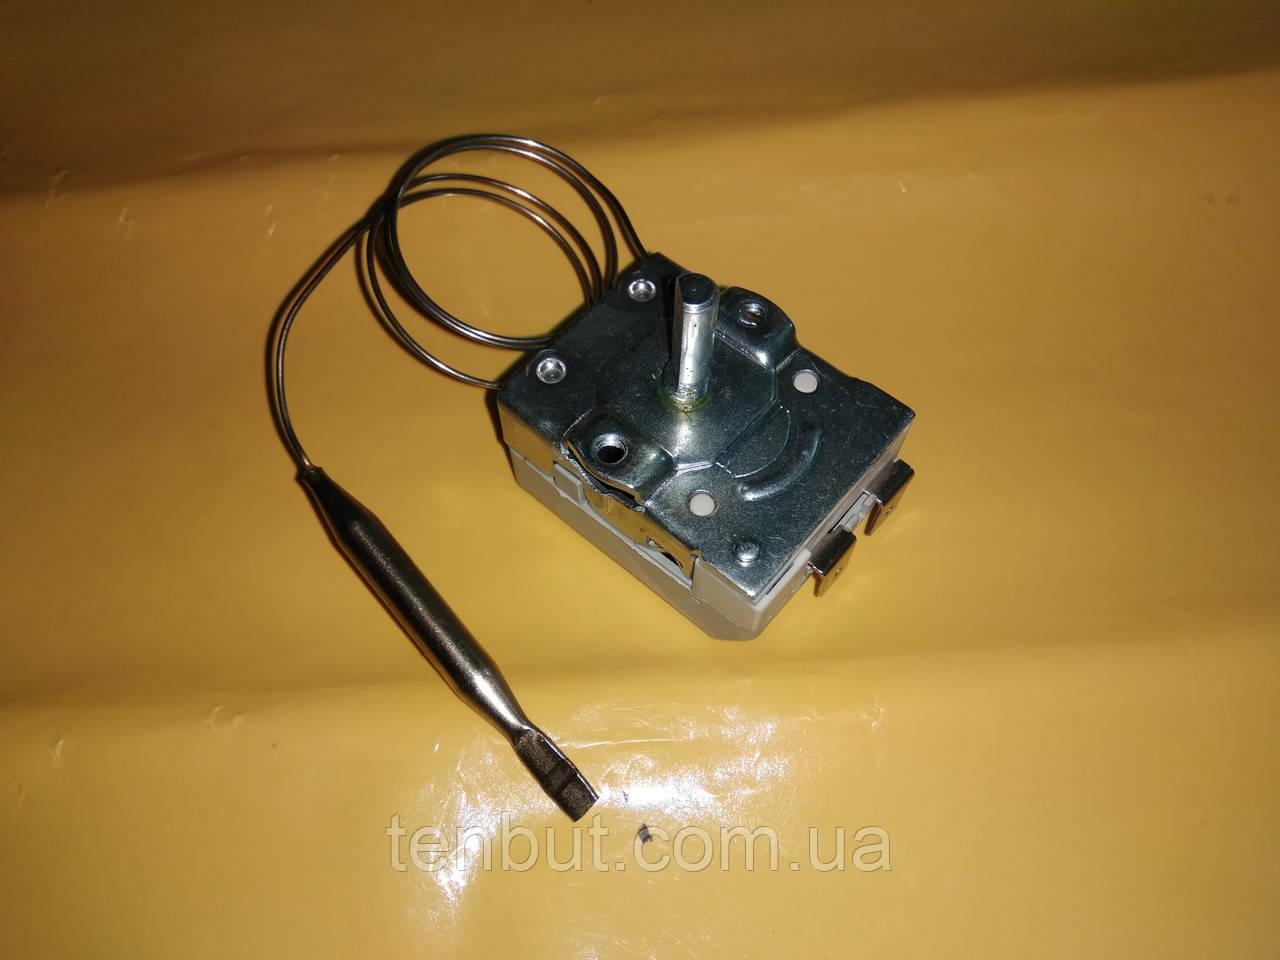 Терморегулятор для паяльников пластиковых труб 320℃ / 400 В. / 16 А.производство Испания Tecasa